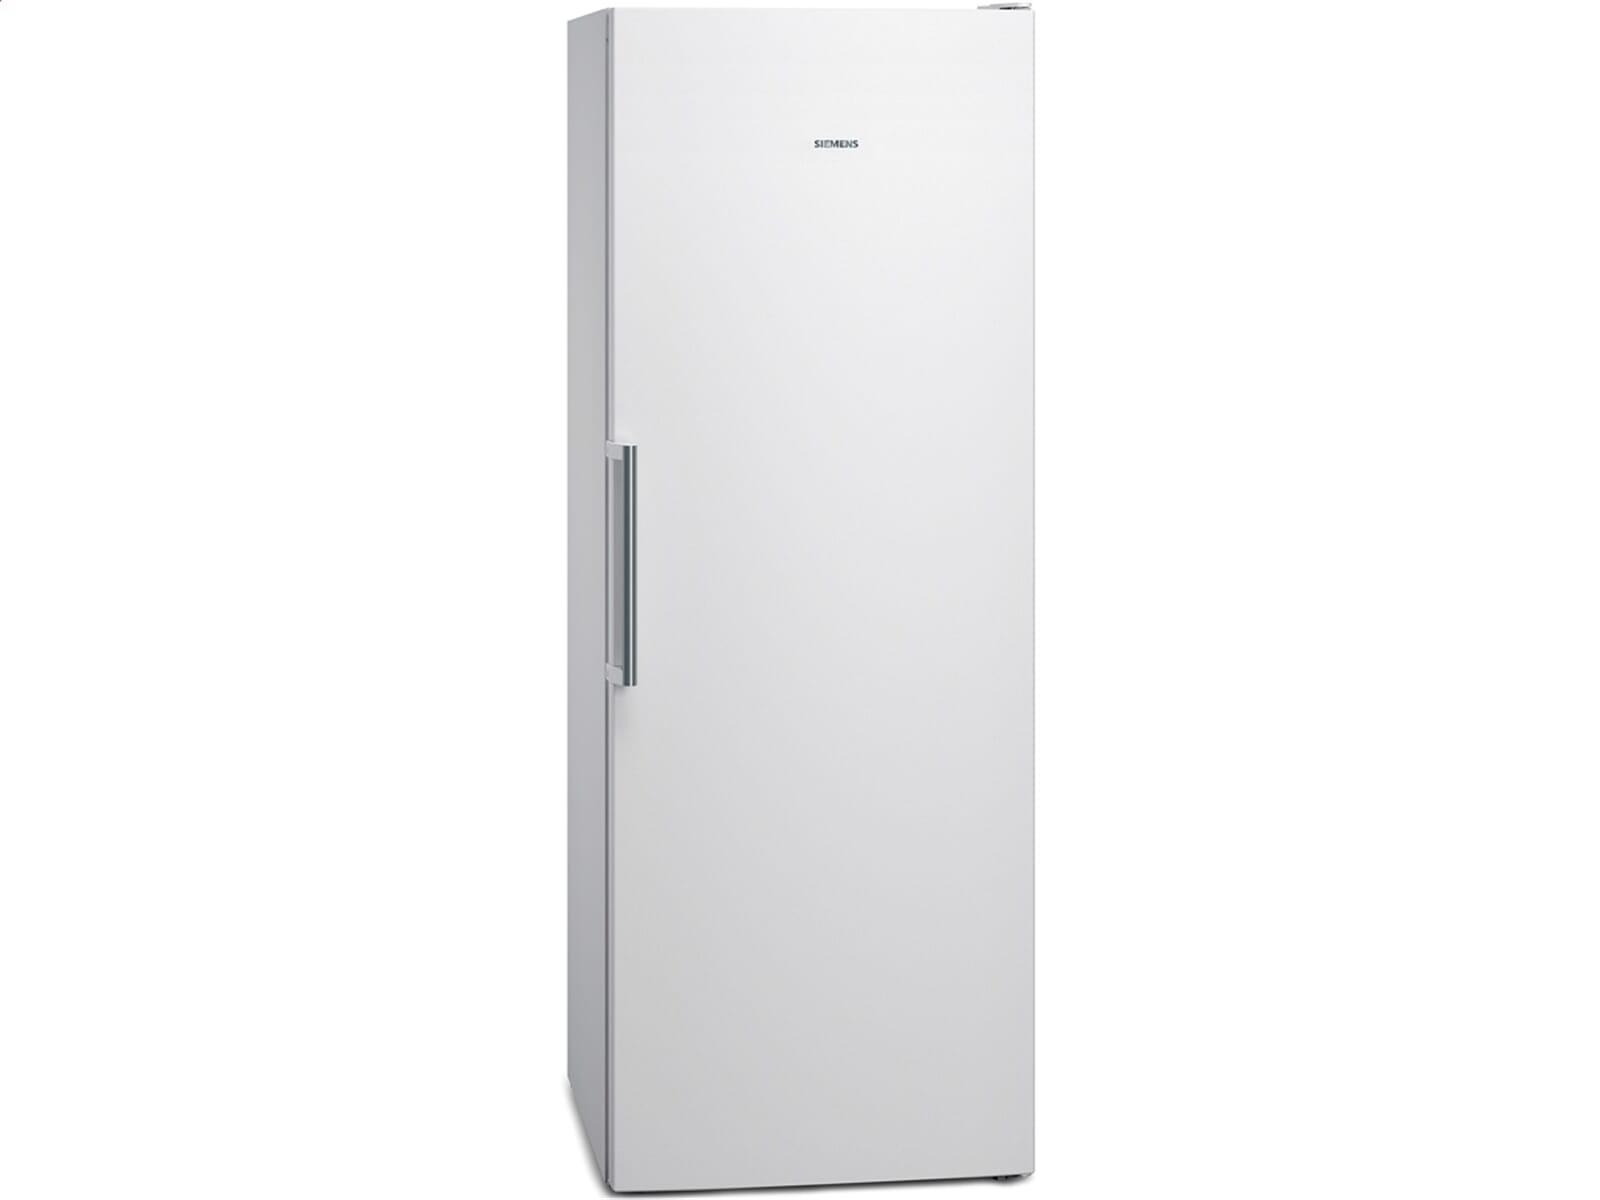 Siemens Kühlschrank Gefrierfach Abtauen : Siemens kühlschrank nach abtauen alarm siemens iq kg nvl kühl